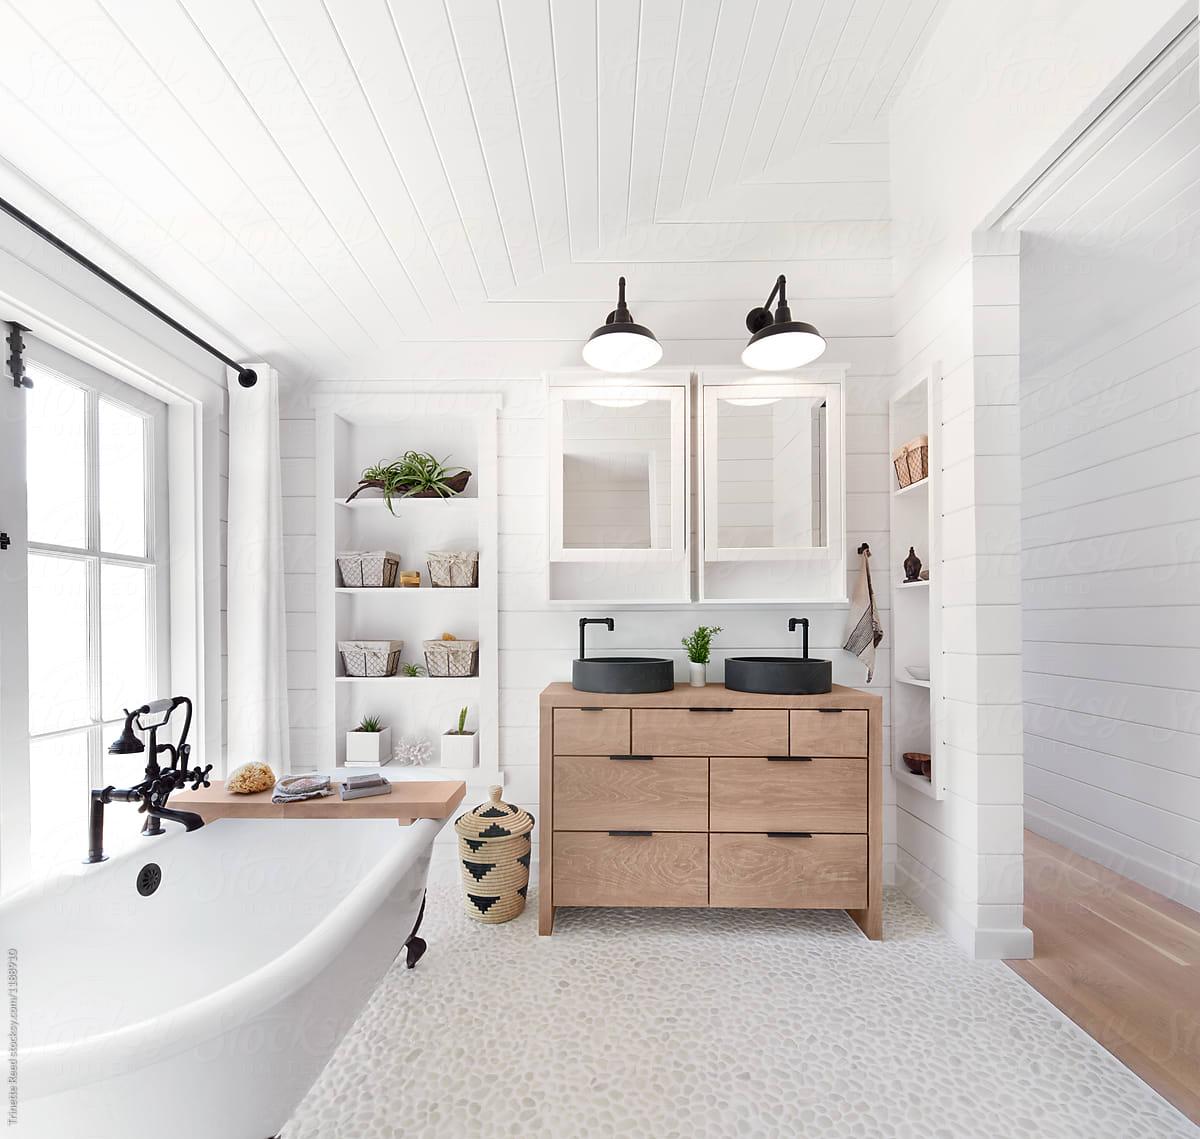 Rustic modern farmhouse bathroom in small cottage by ... on Modern Farmhouse Bathroom  id=45128